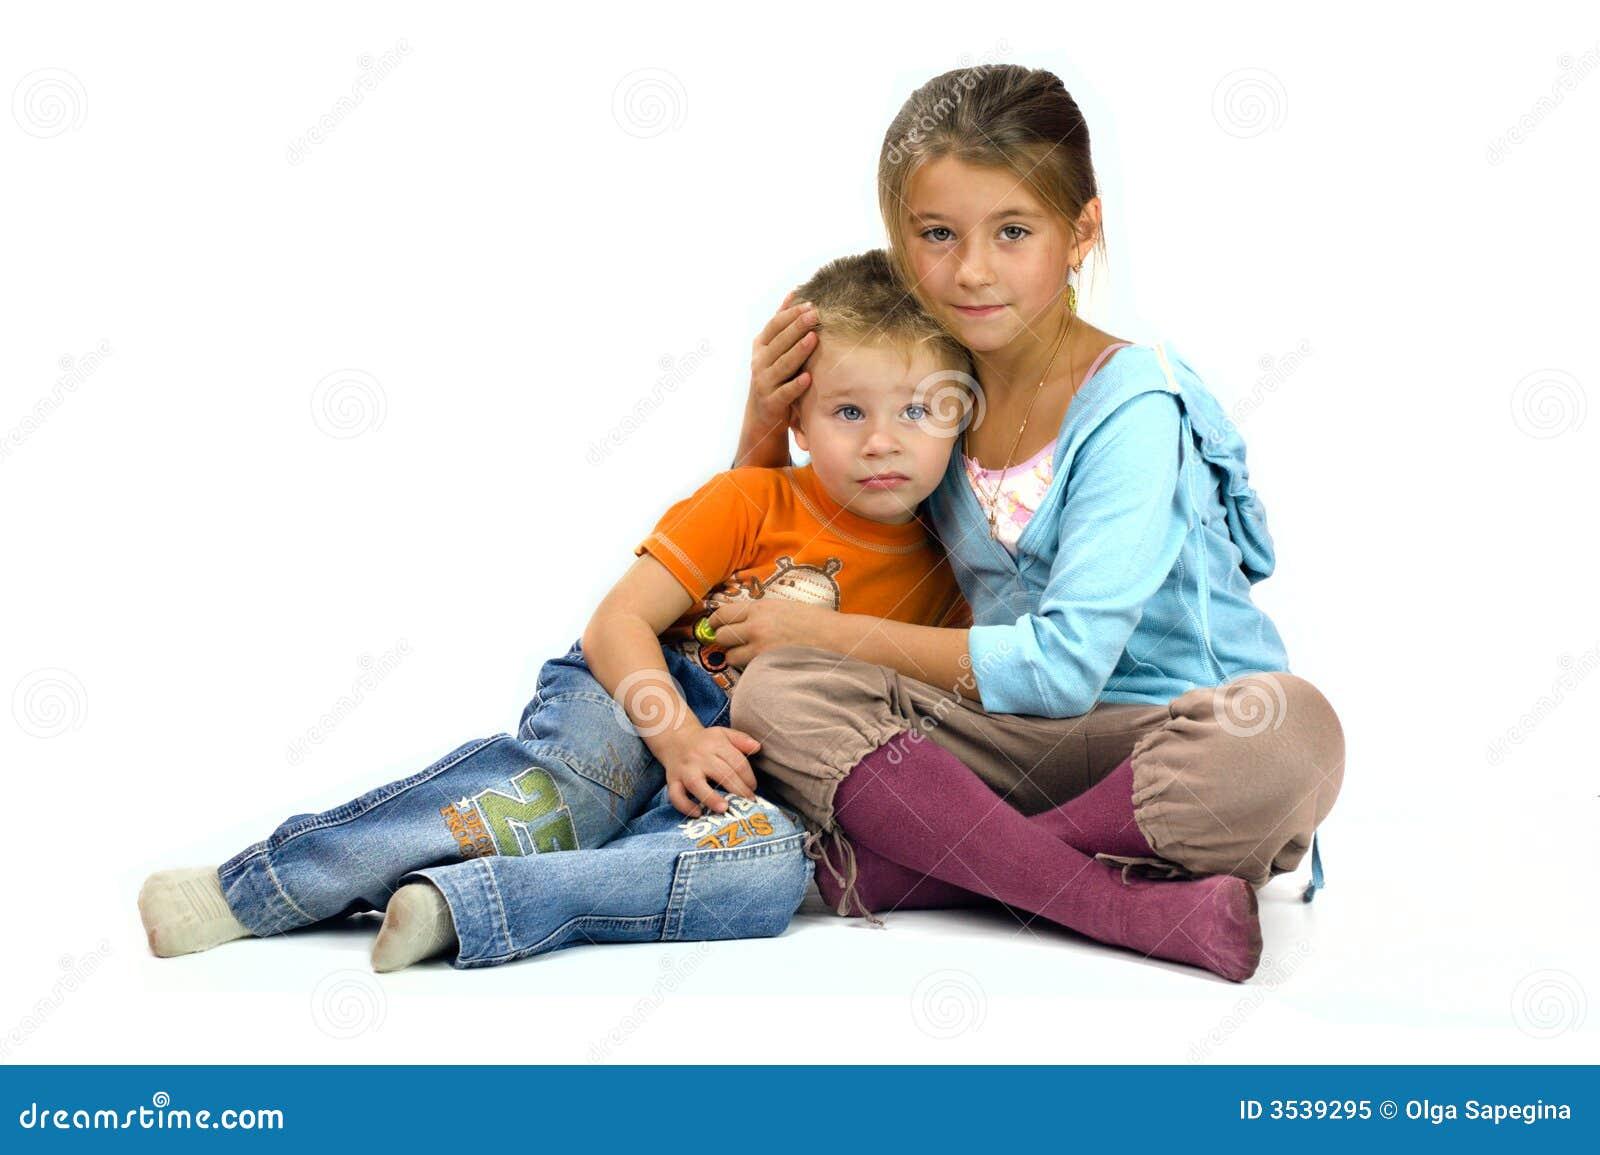 Сестра помогает сестре